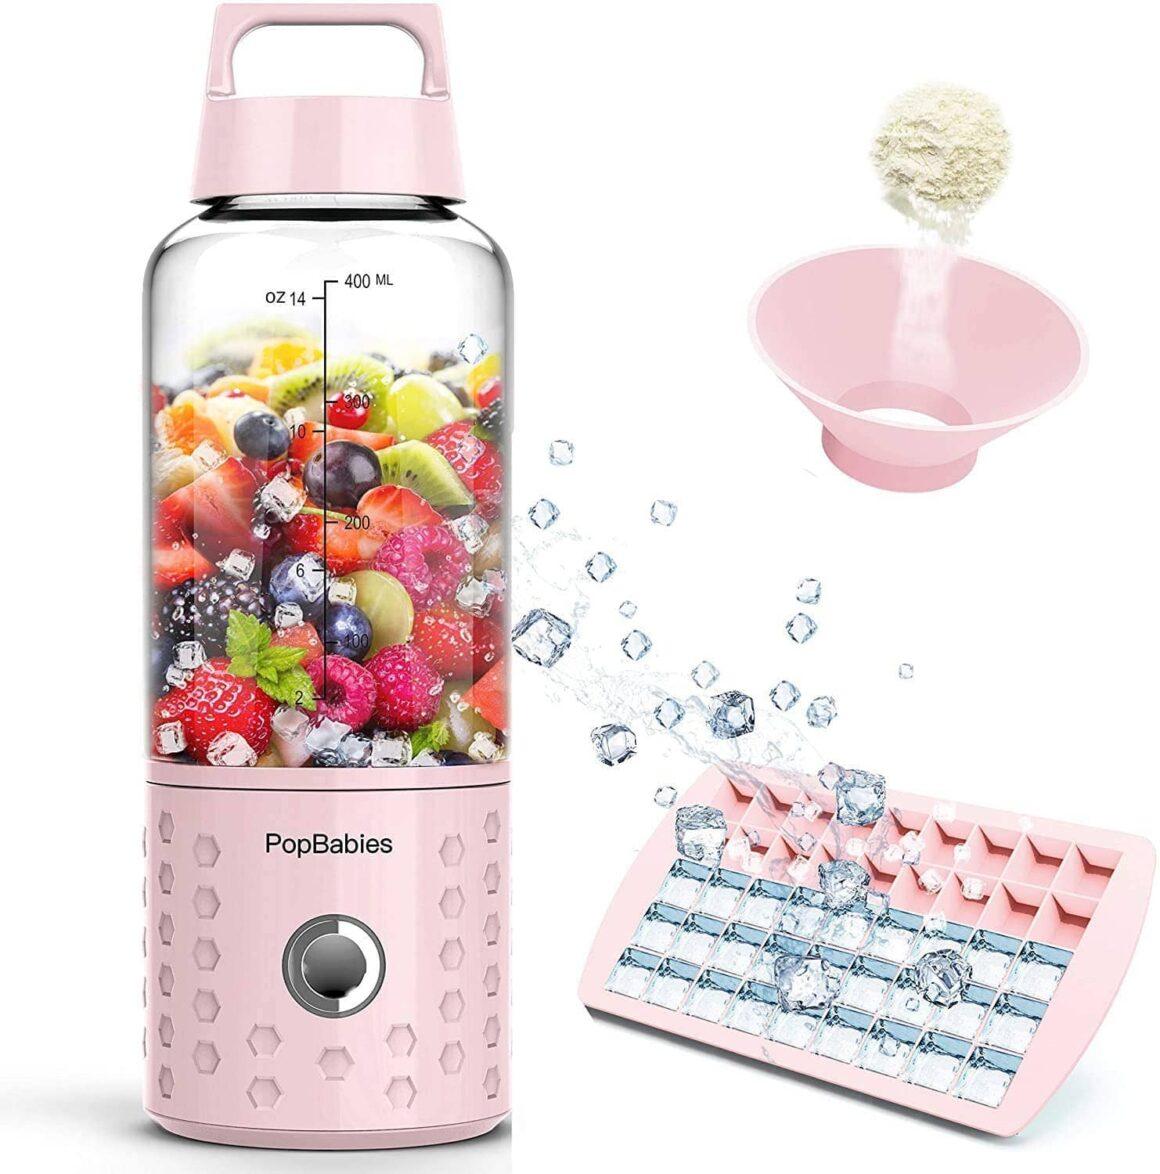 tiktok home items portable blender